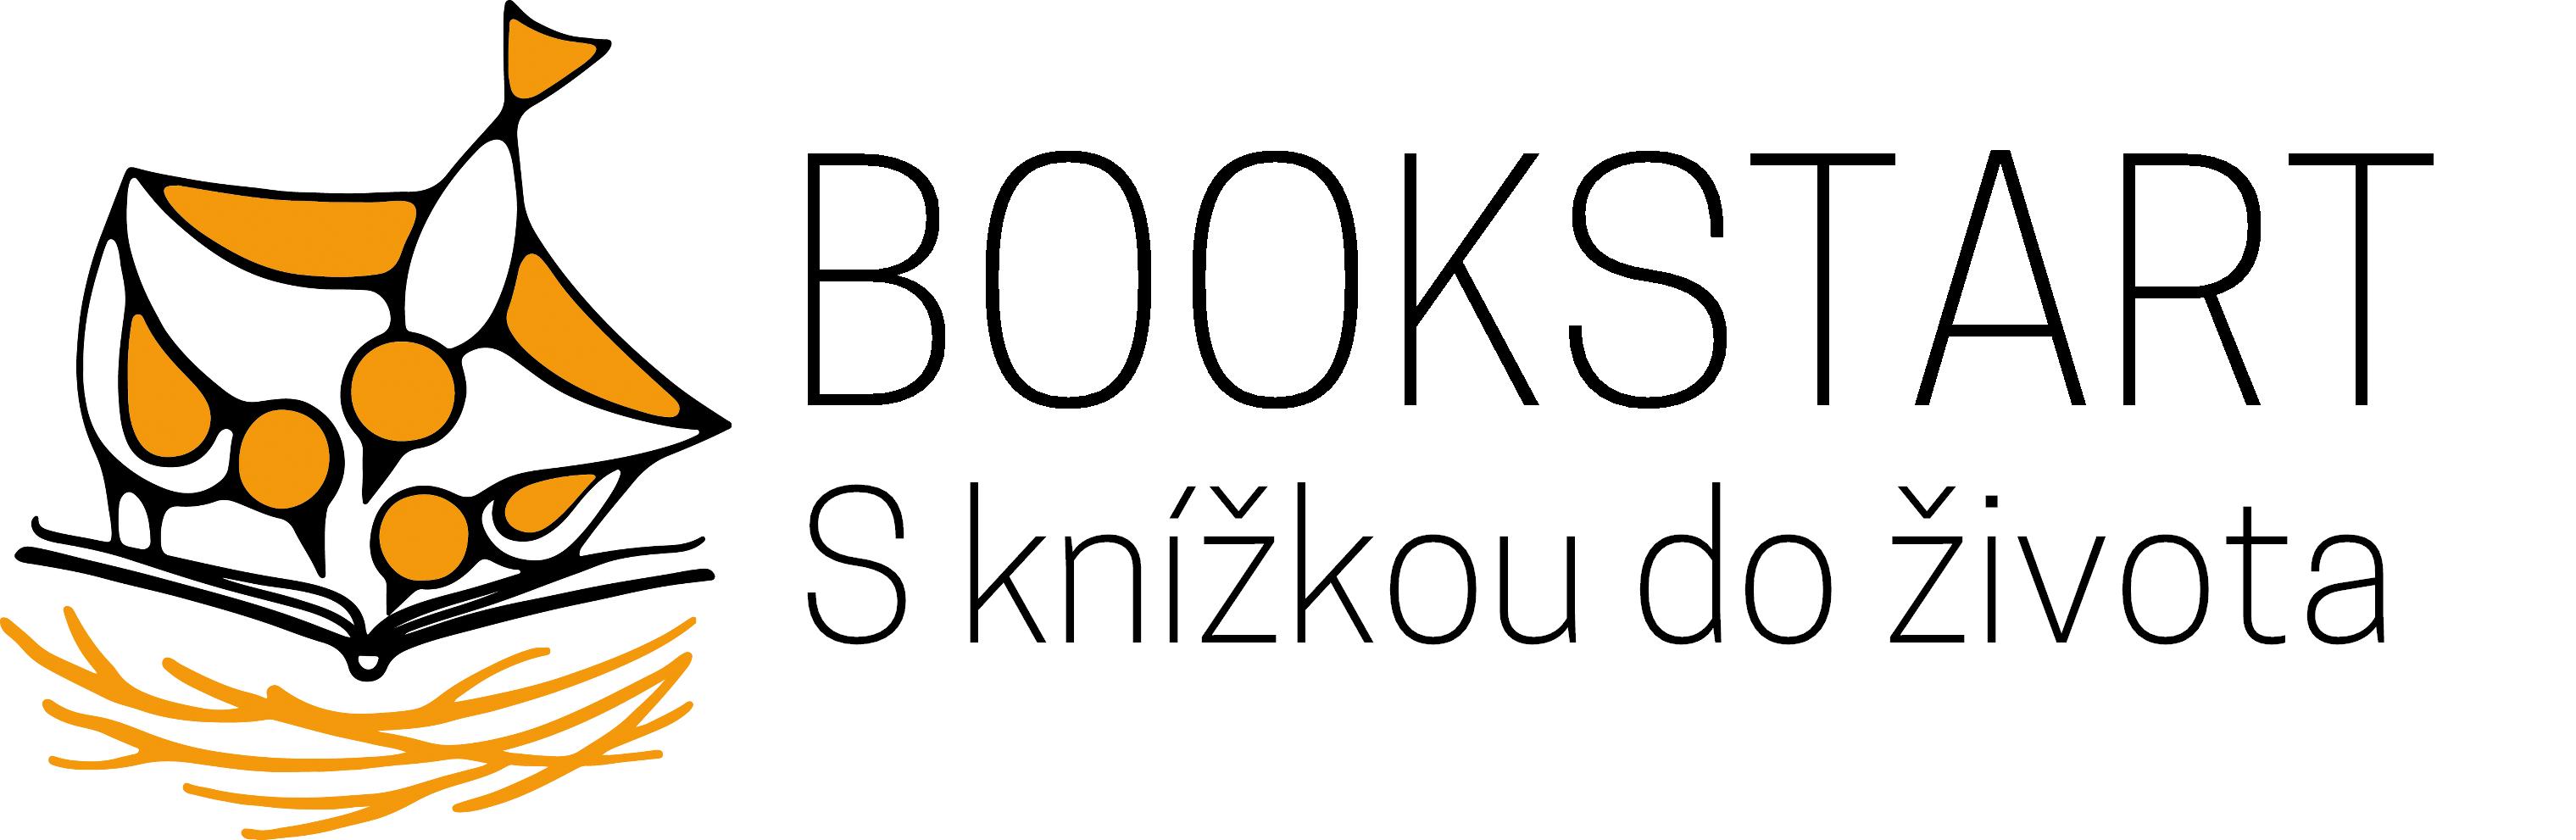 S knížkou do života